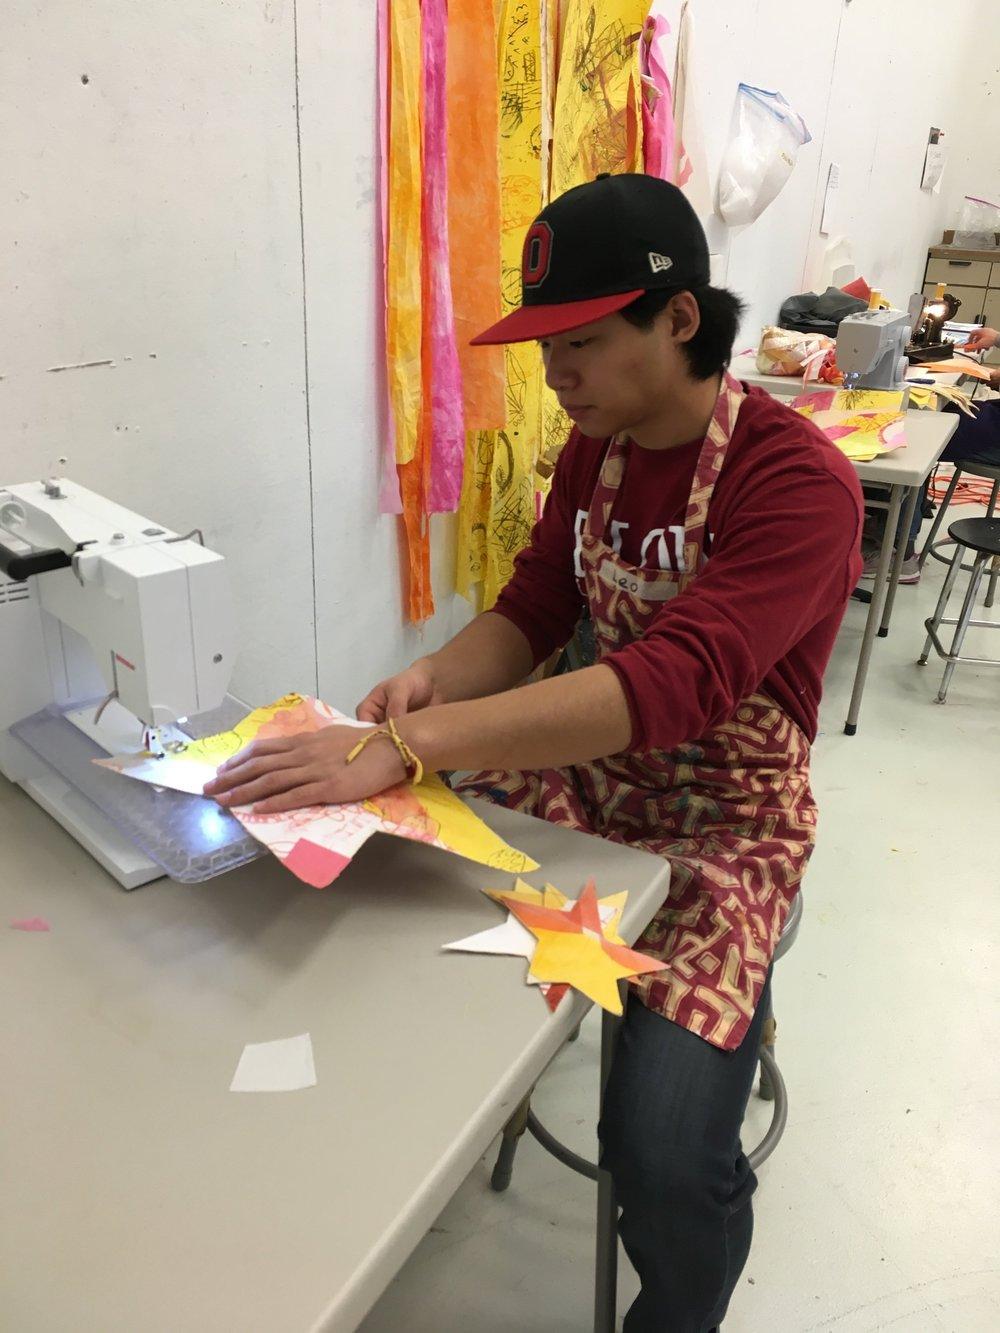 Leo sewing.jpg